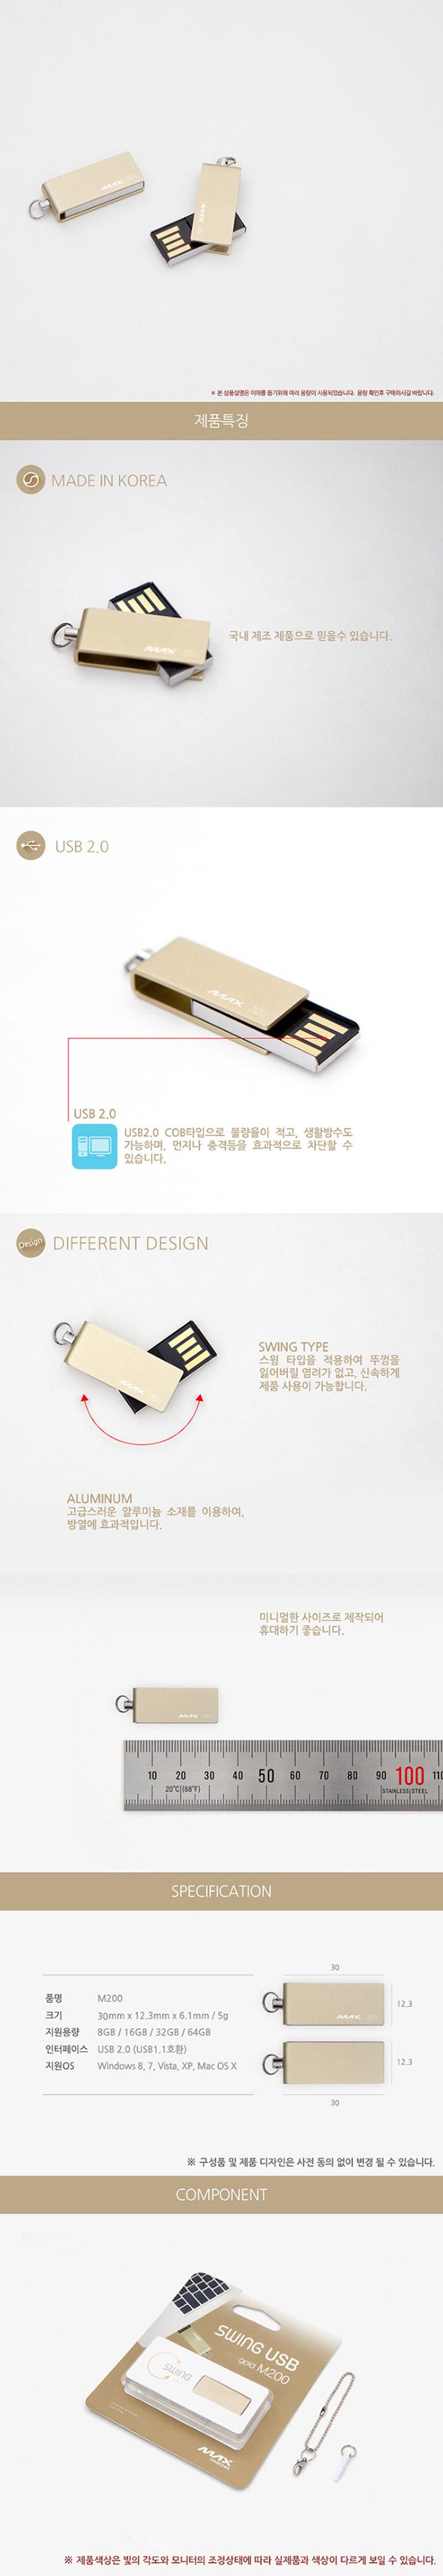 맥스 USB메모리 32GB 미니골드 M200 스윙형 - 맥스, 16,000원, 일반형 USB 메모리, USB 32G이상